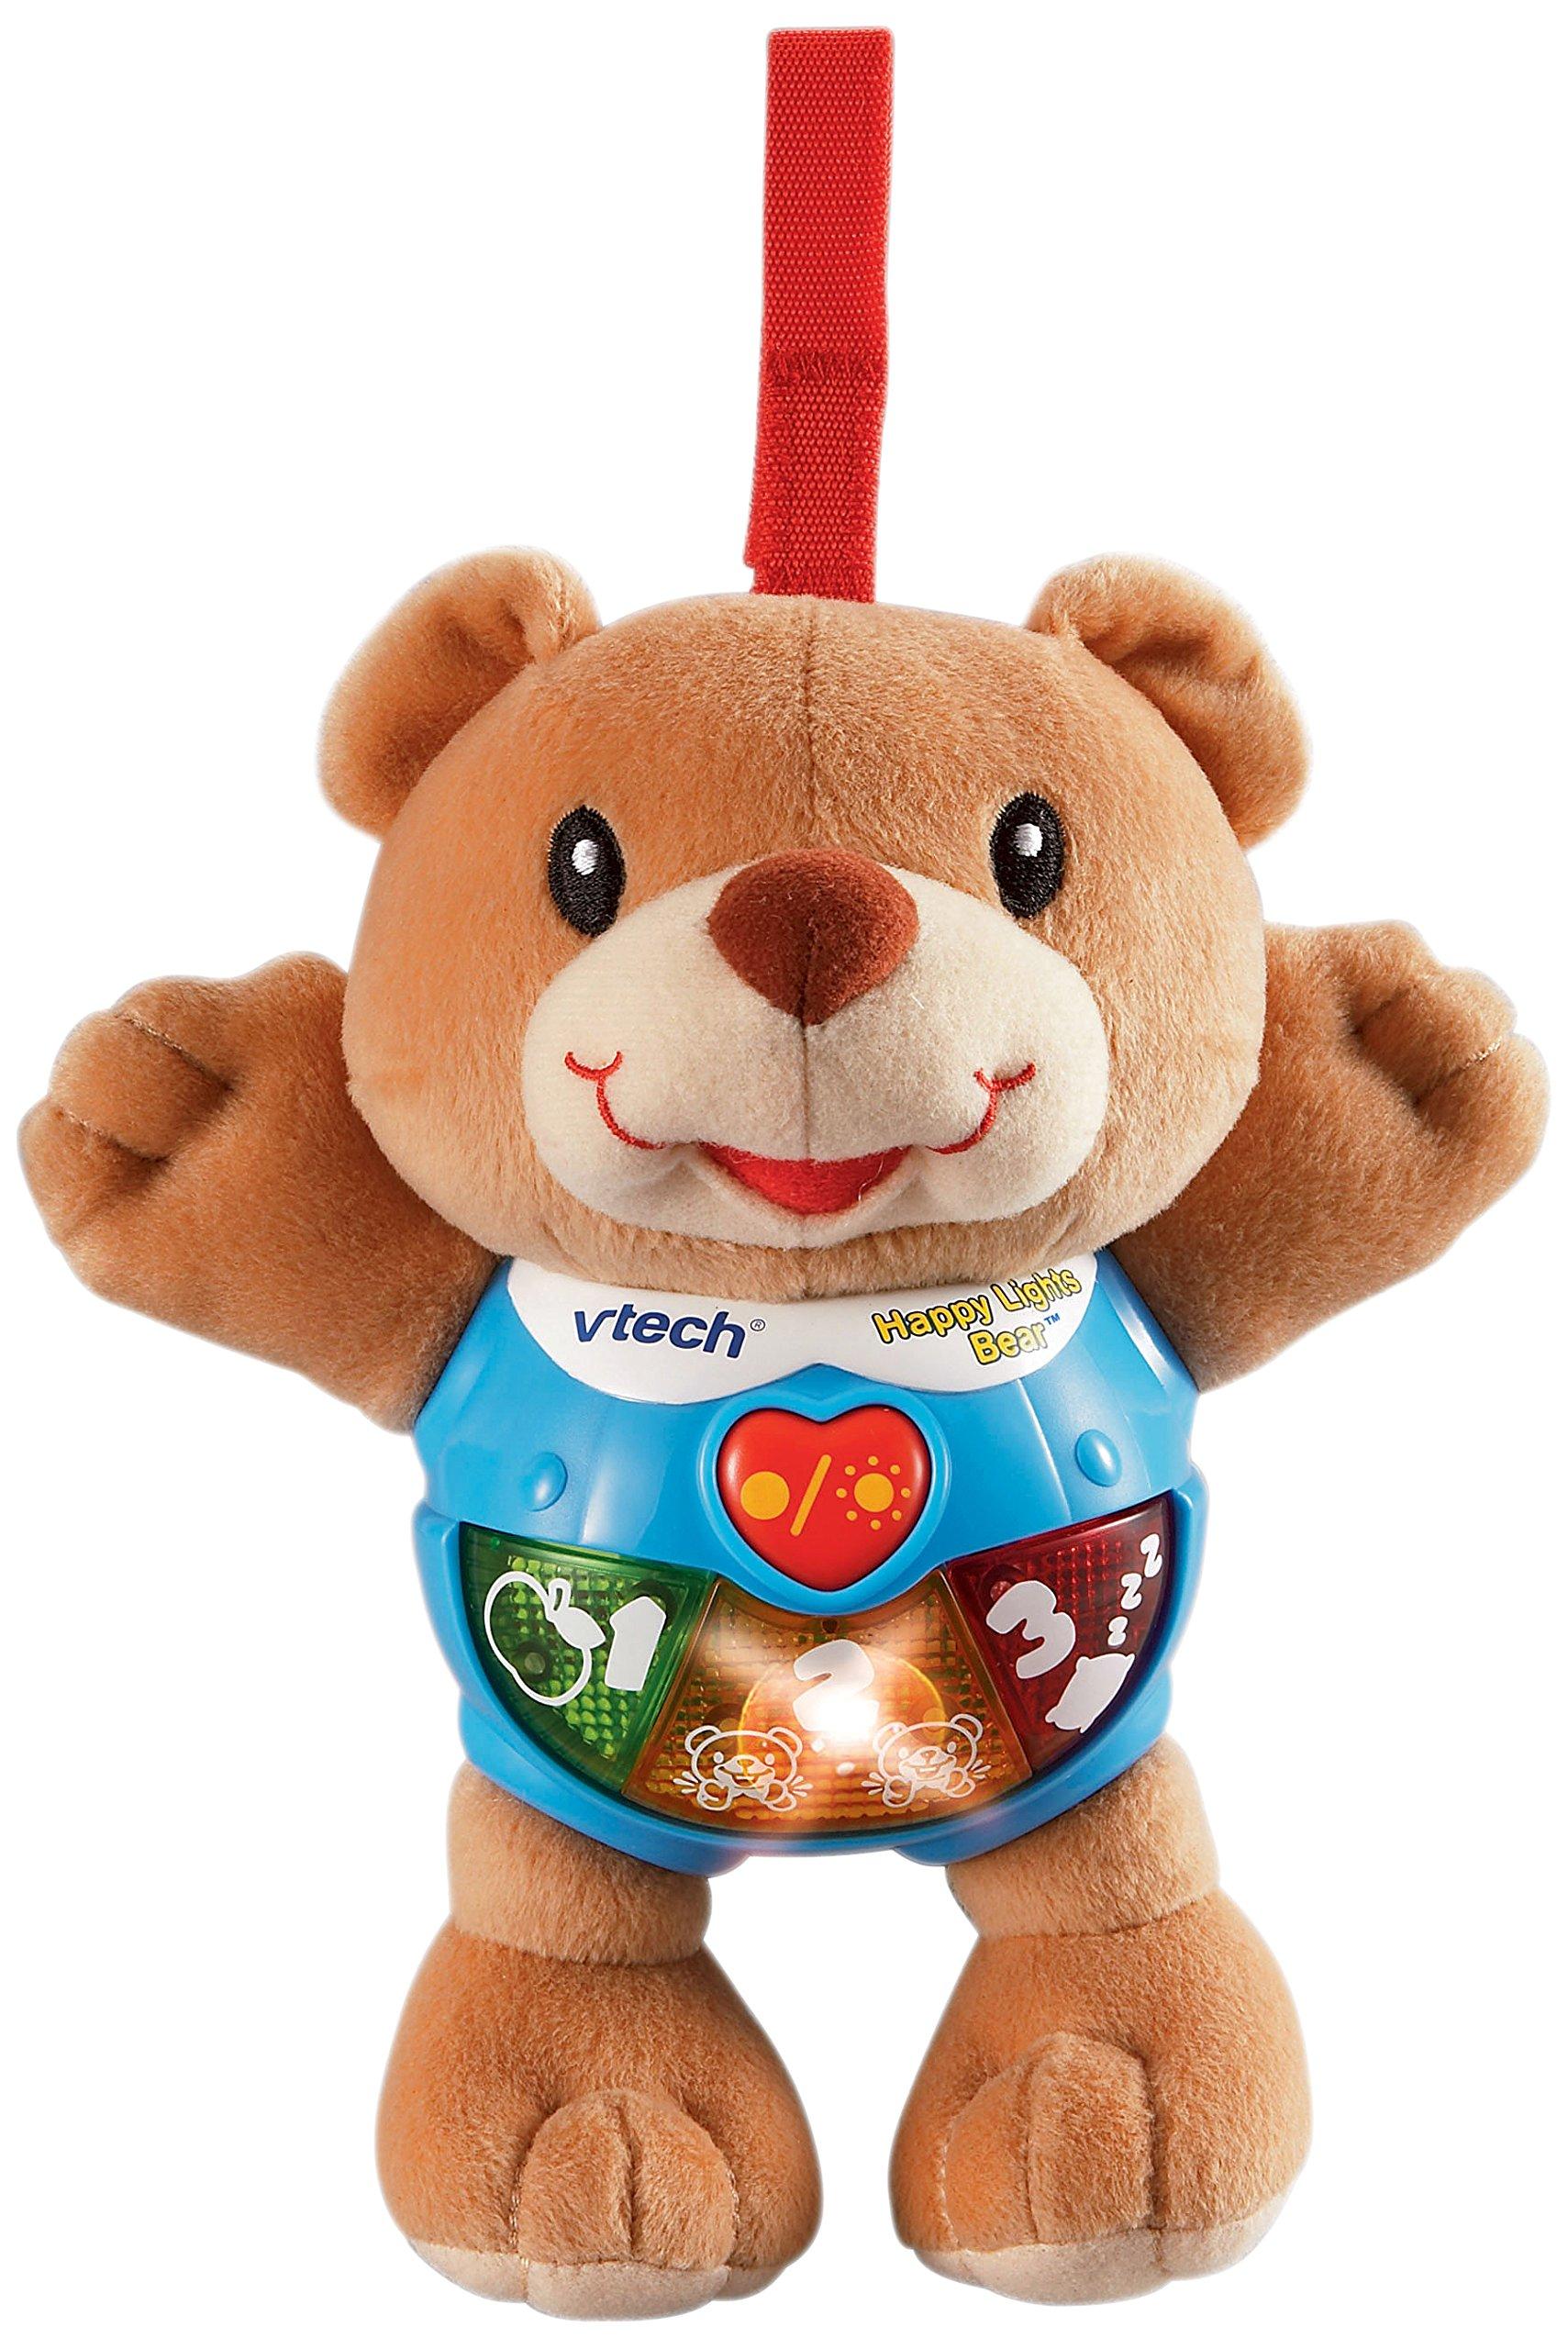 VTech Happy Lights Bear, Brown by VTech